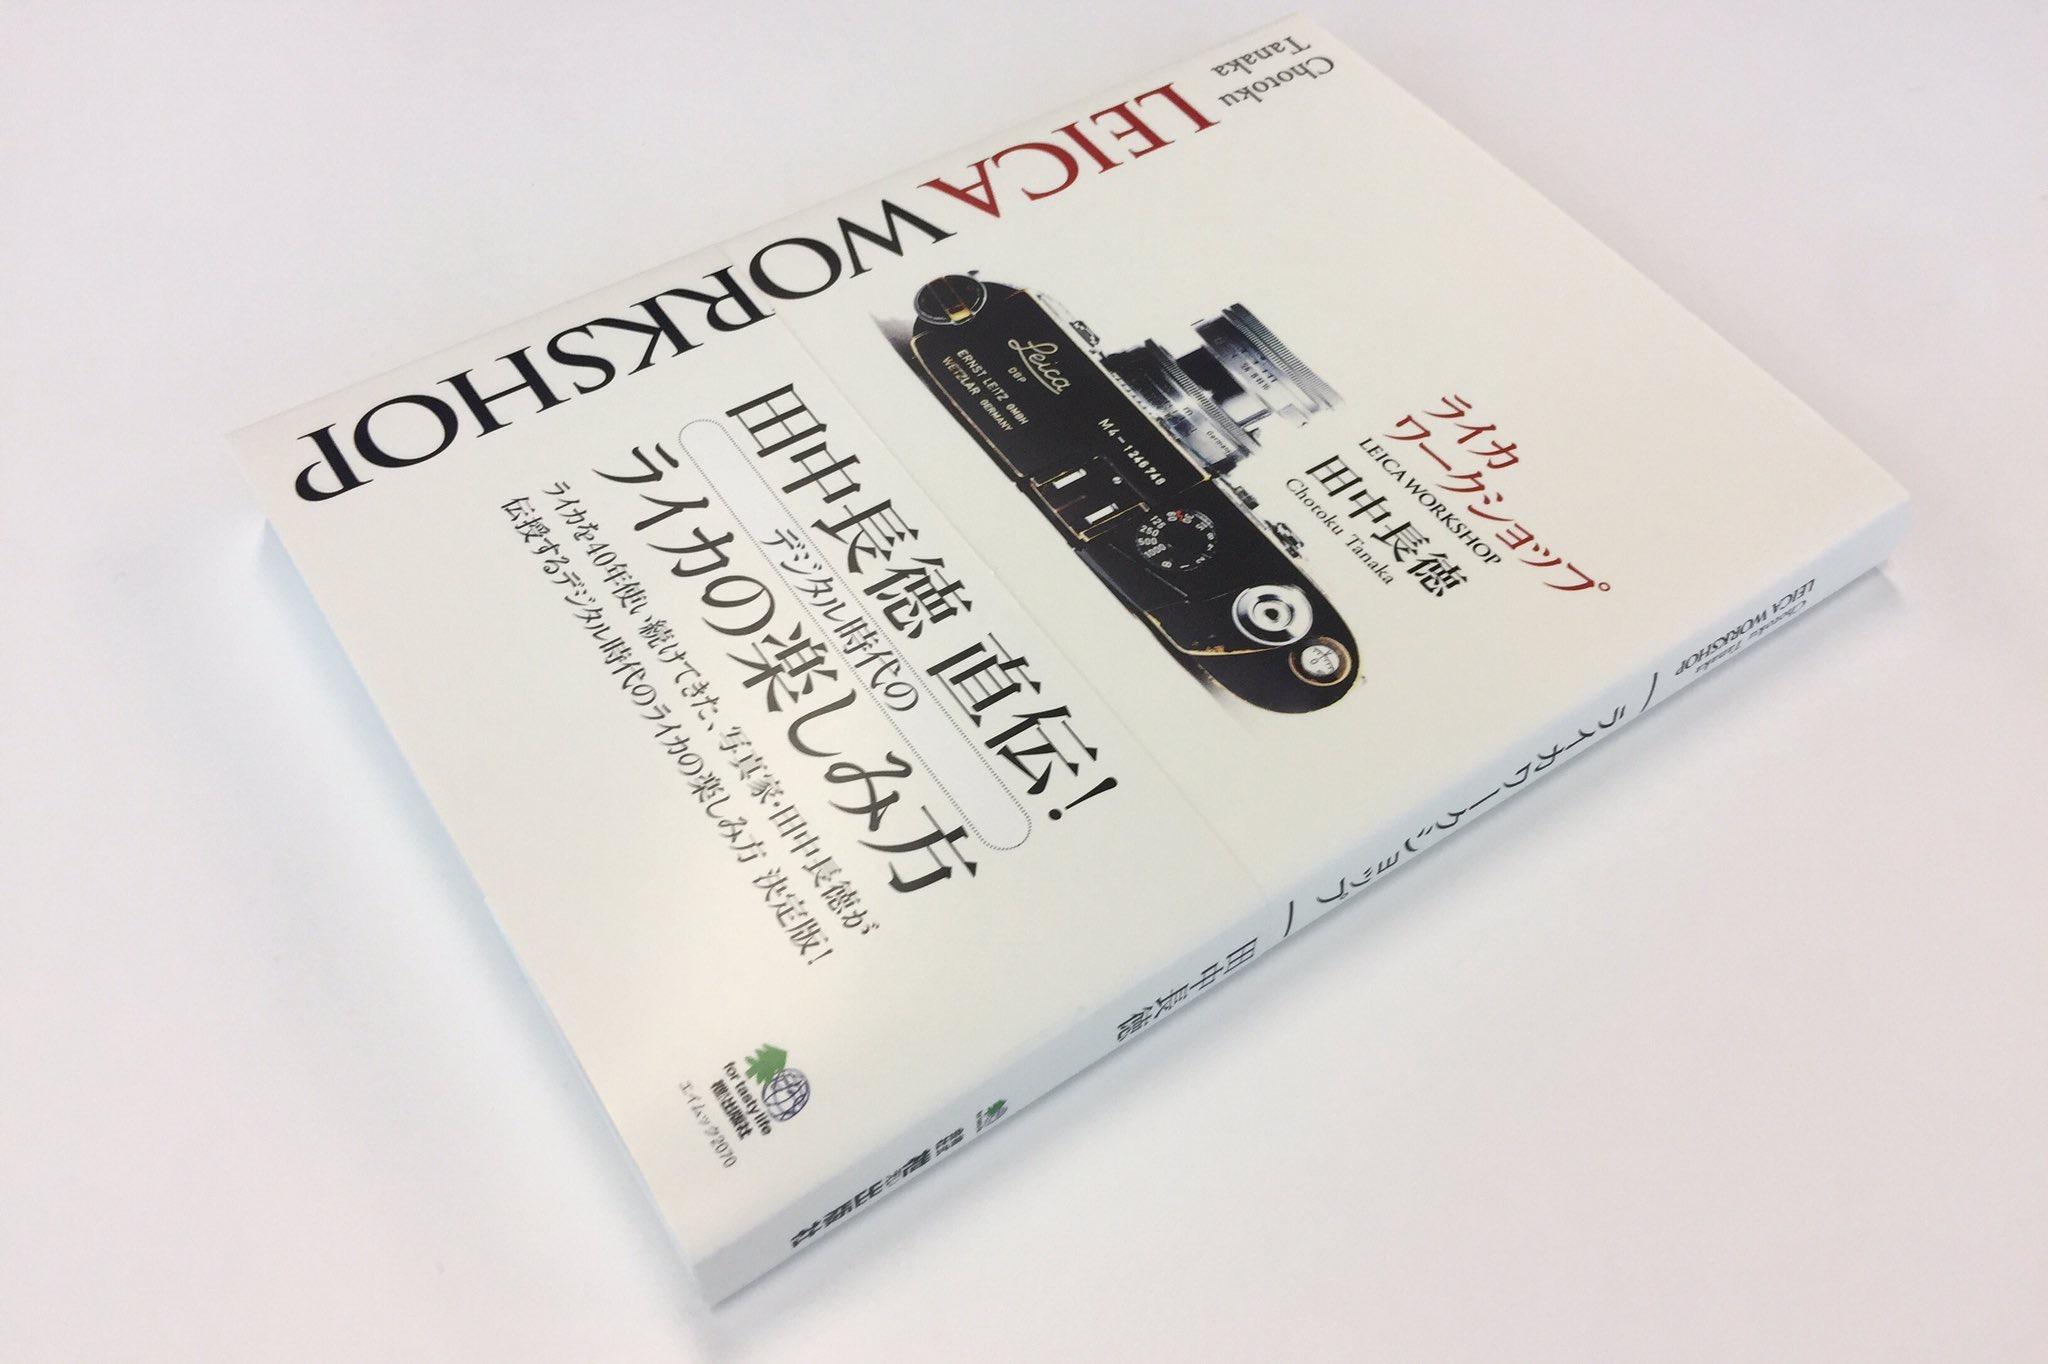 何度読んでも楽しめるのはタイトル通りだ。田中長徳さんの本「ライカ ワークショップ」。